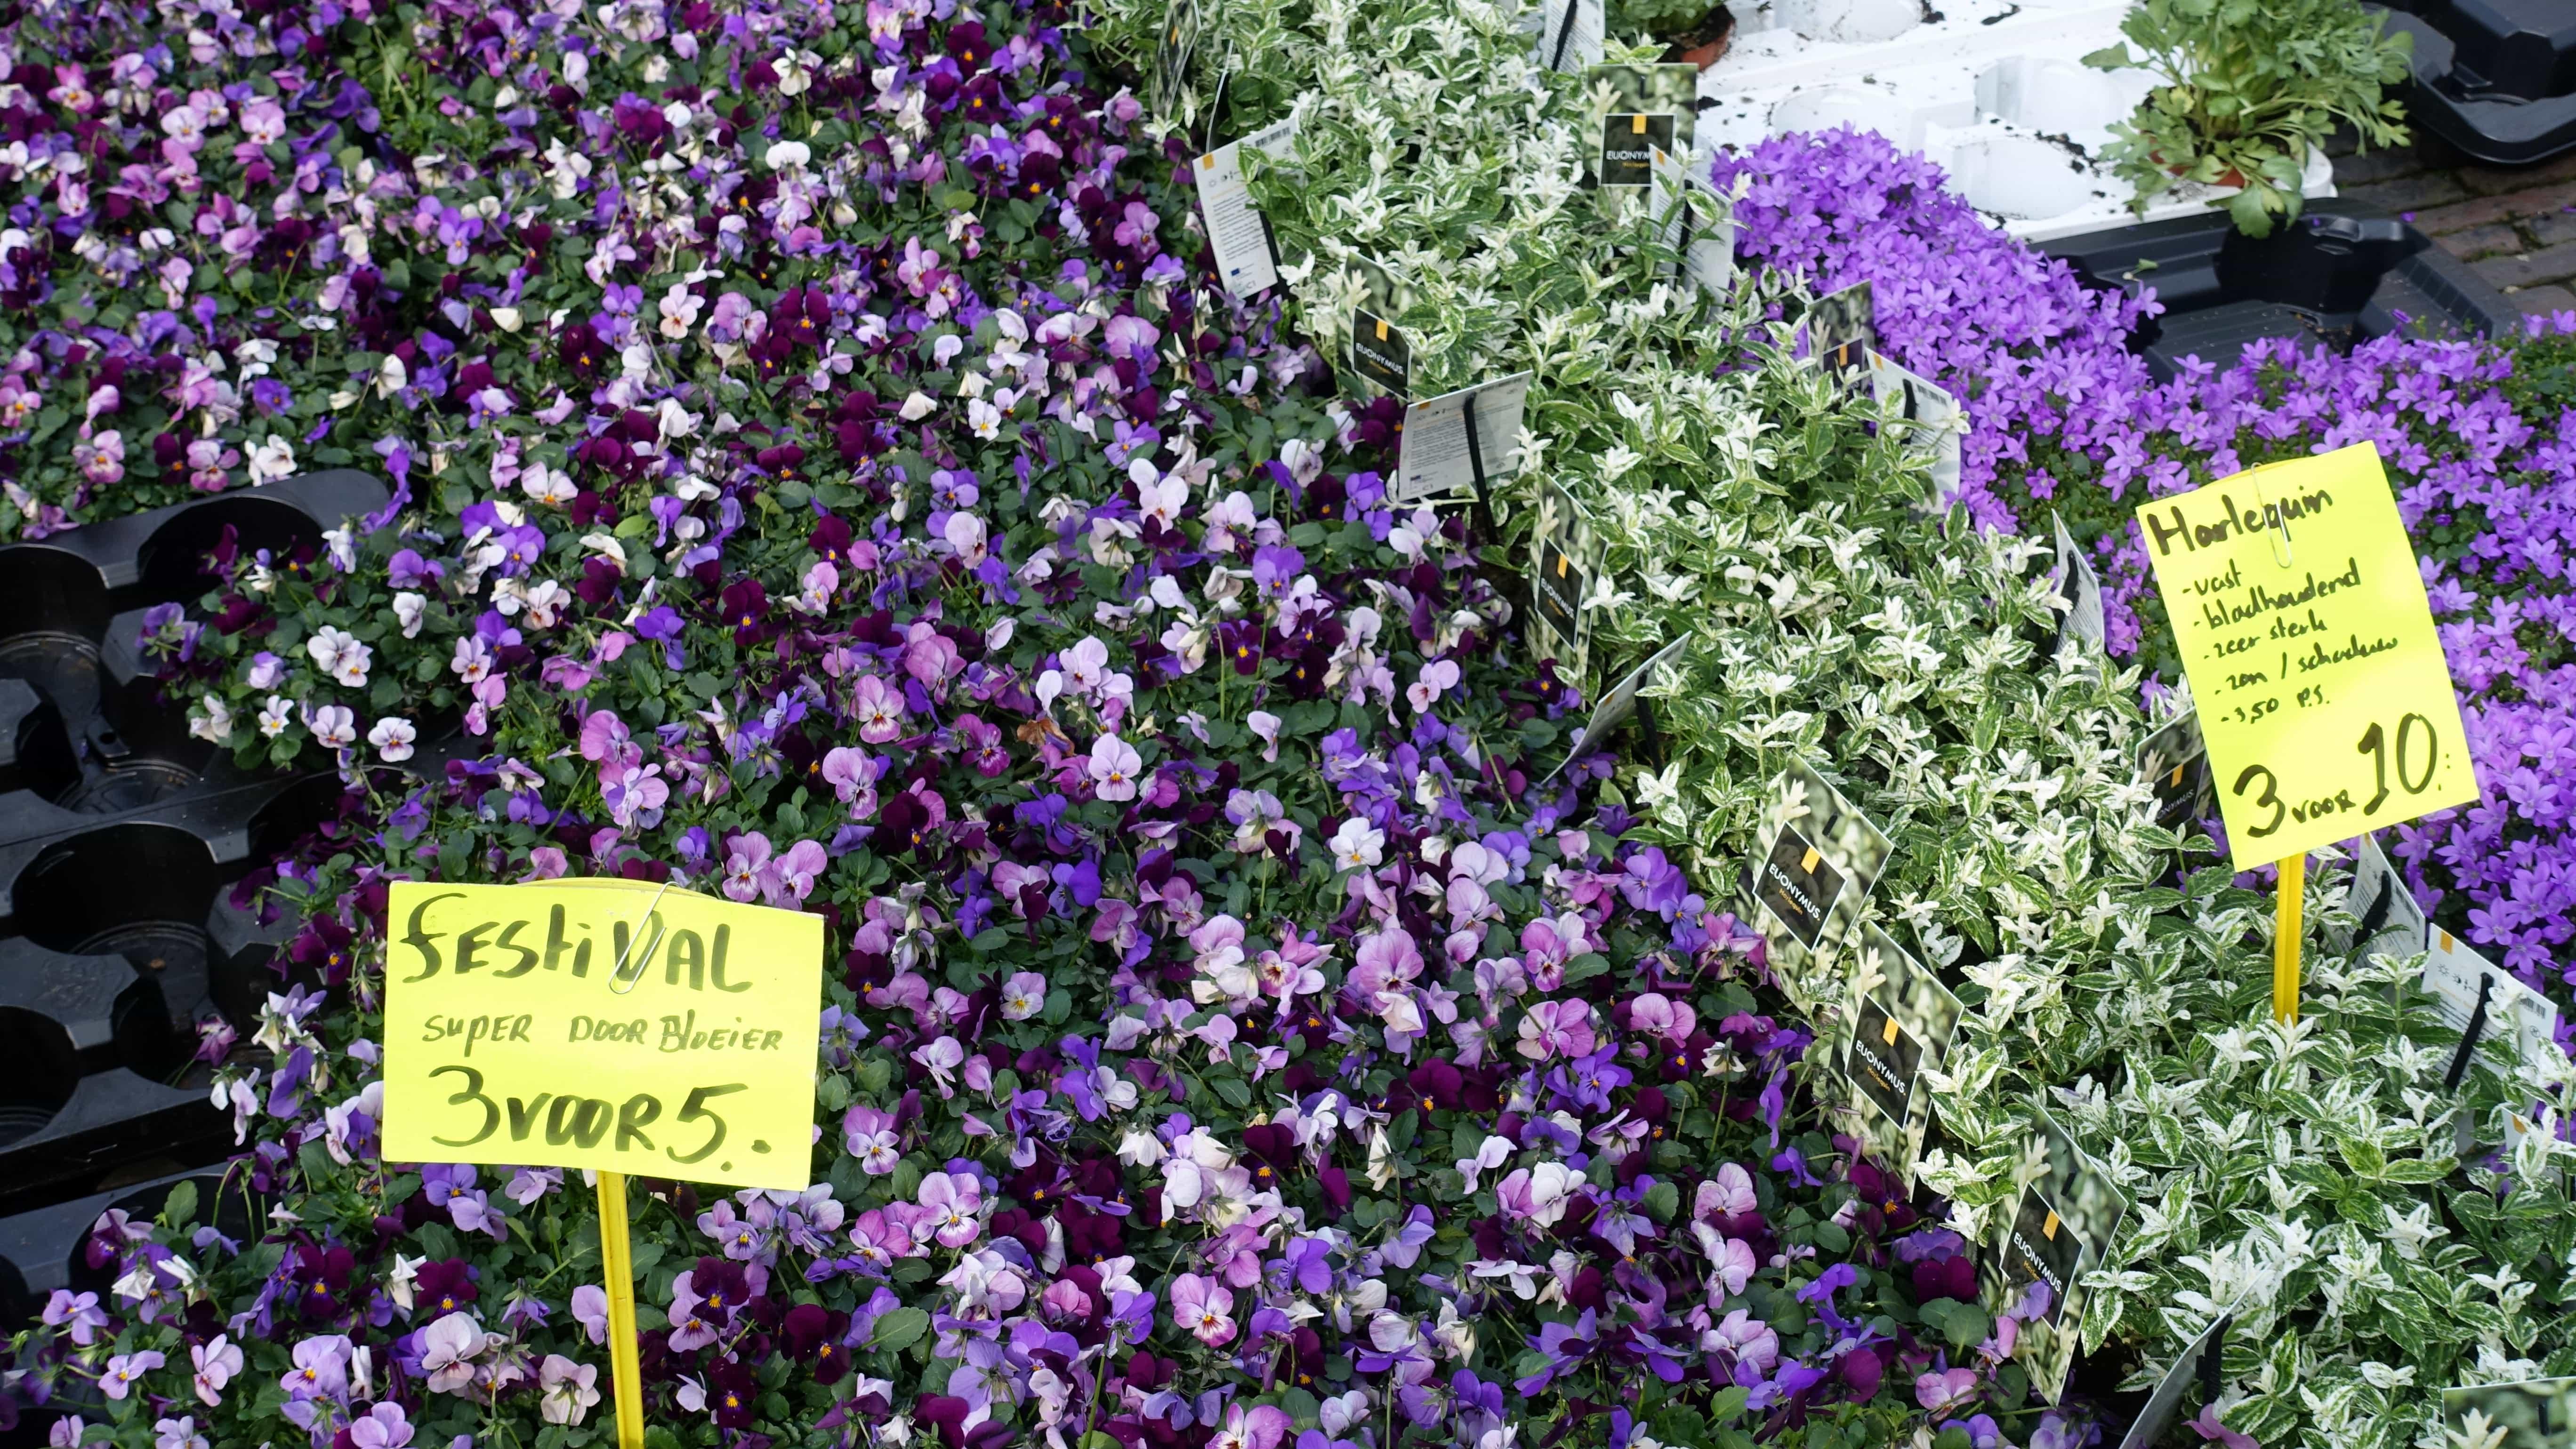 Blumenmarkt am Jankershof in Utrecht in Holland